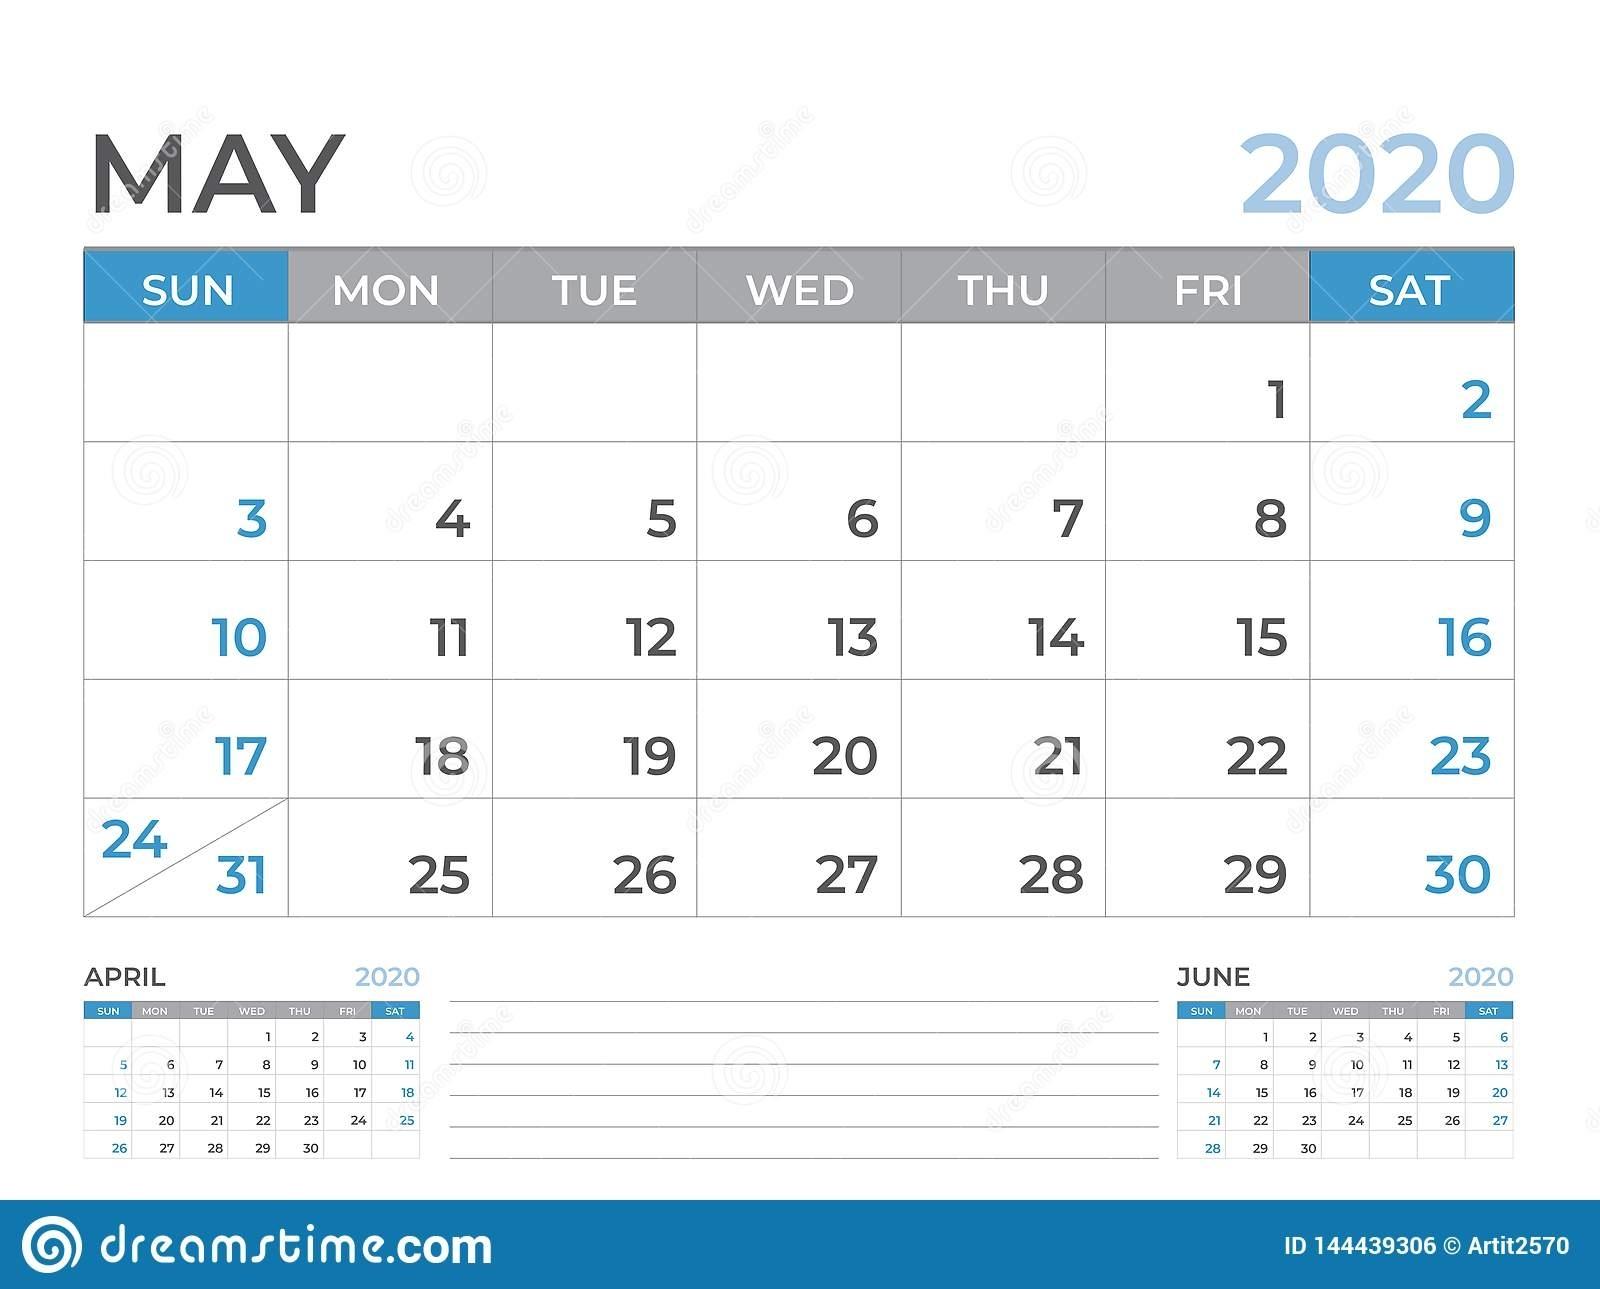 May 2020 Calendar Template, Desk Calendar Layout Size 8 X 6